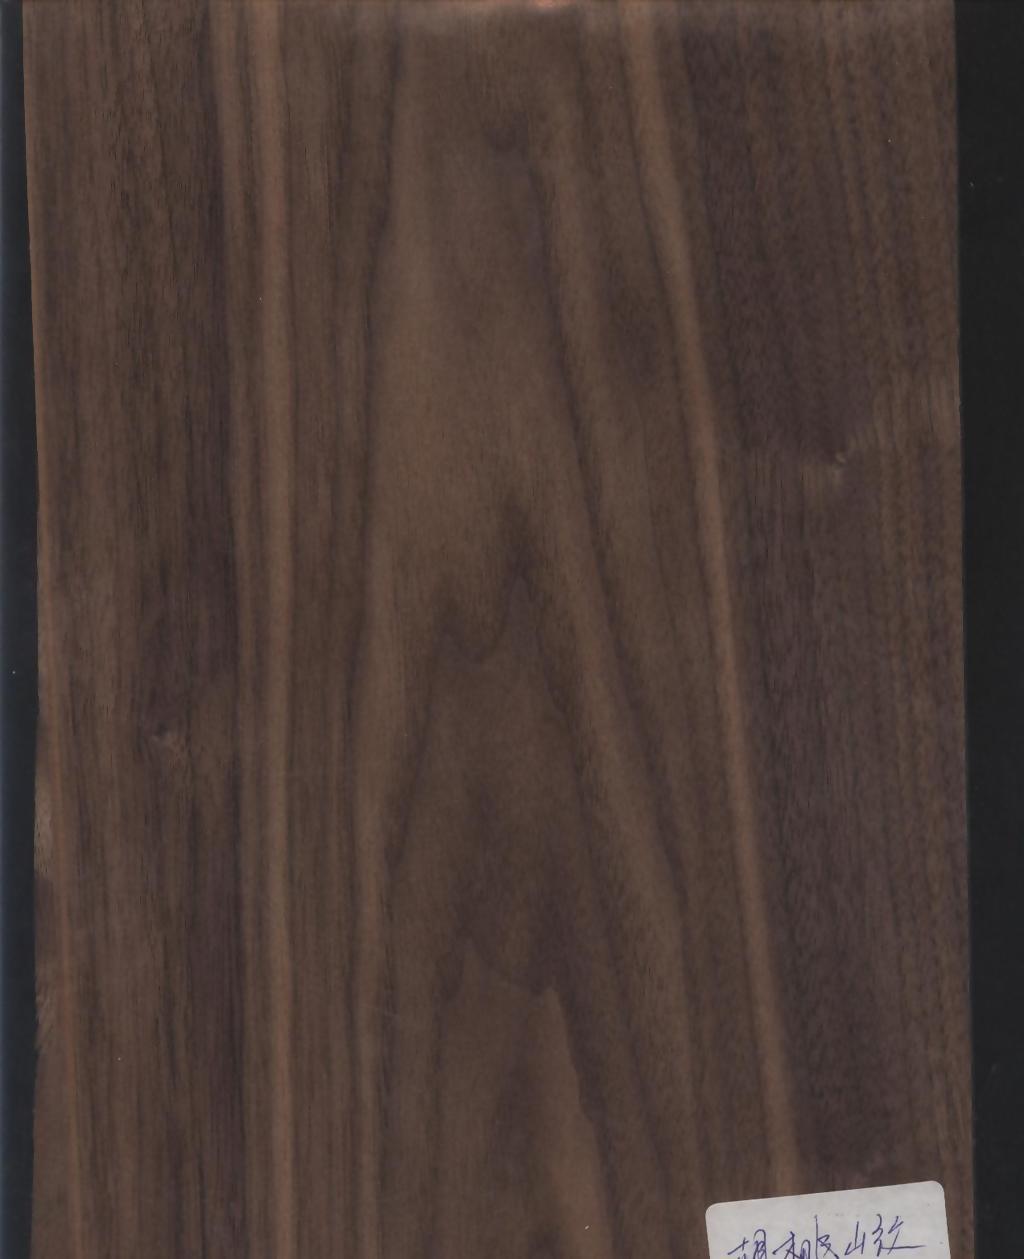 胡桃山纹3d木纹材质